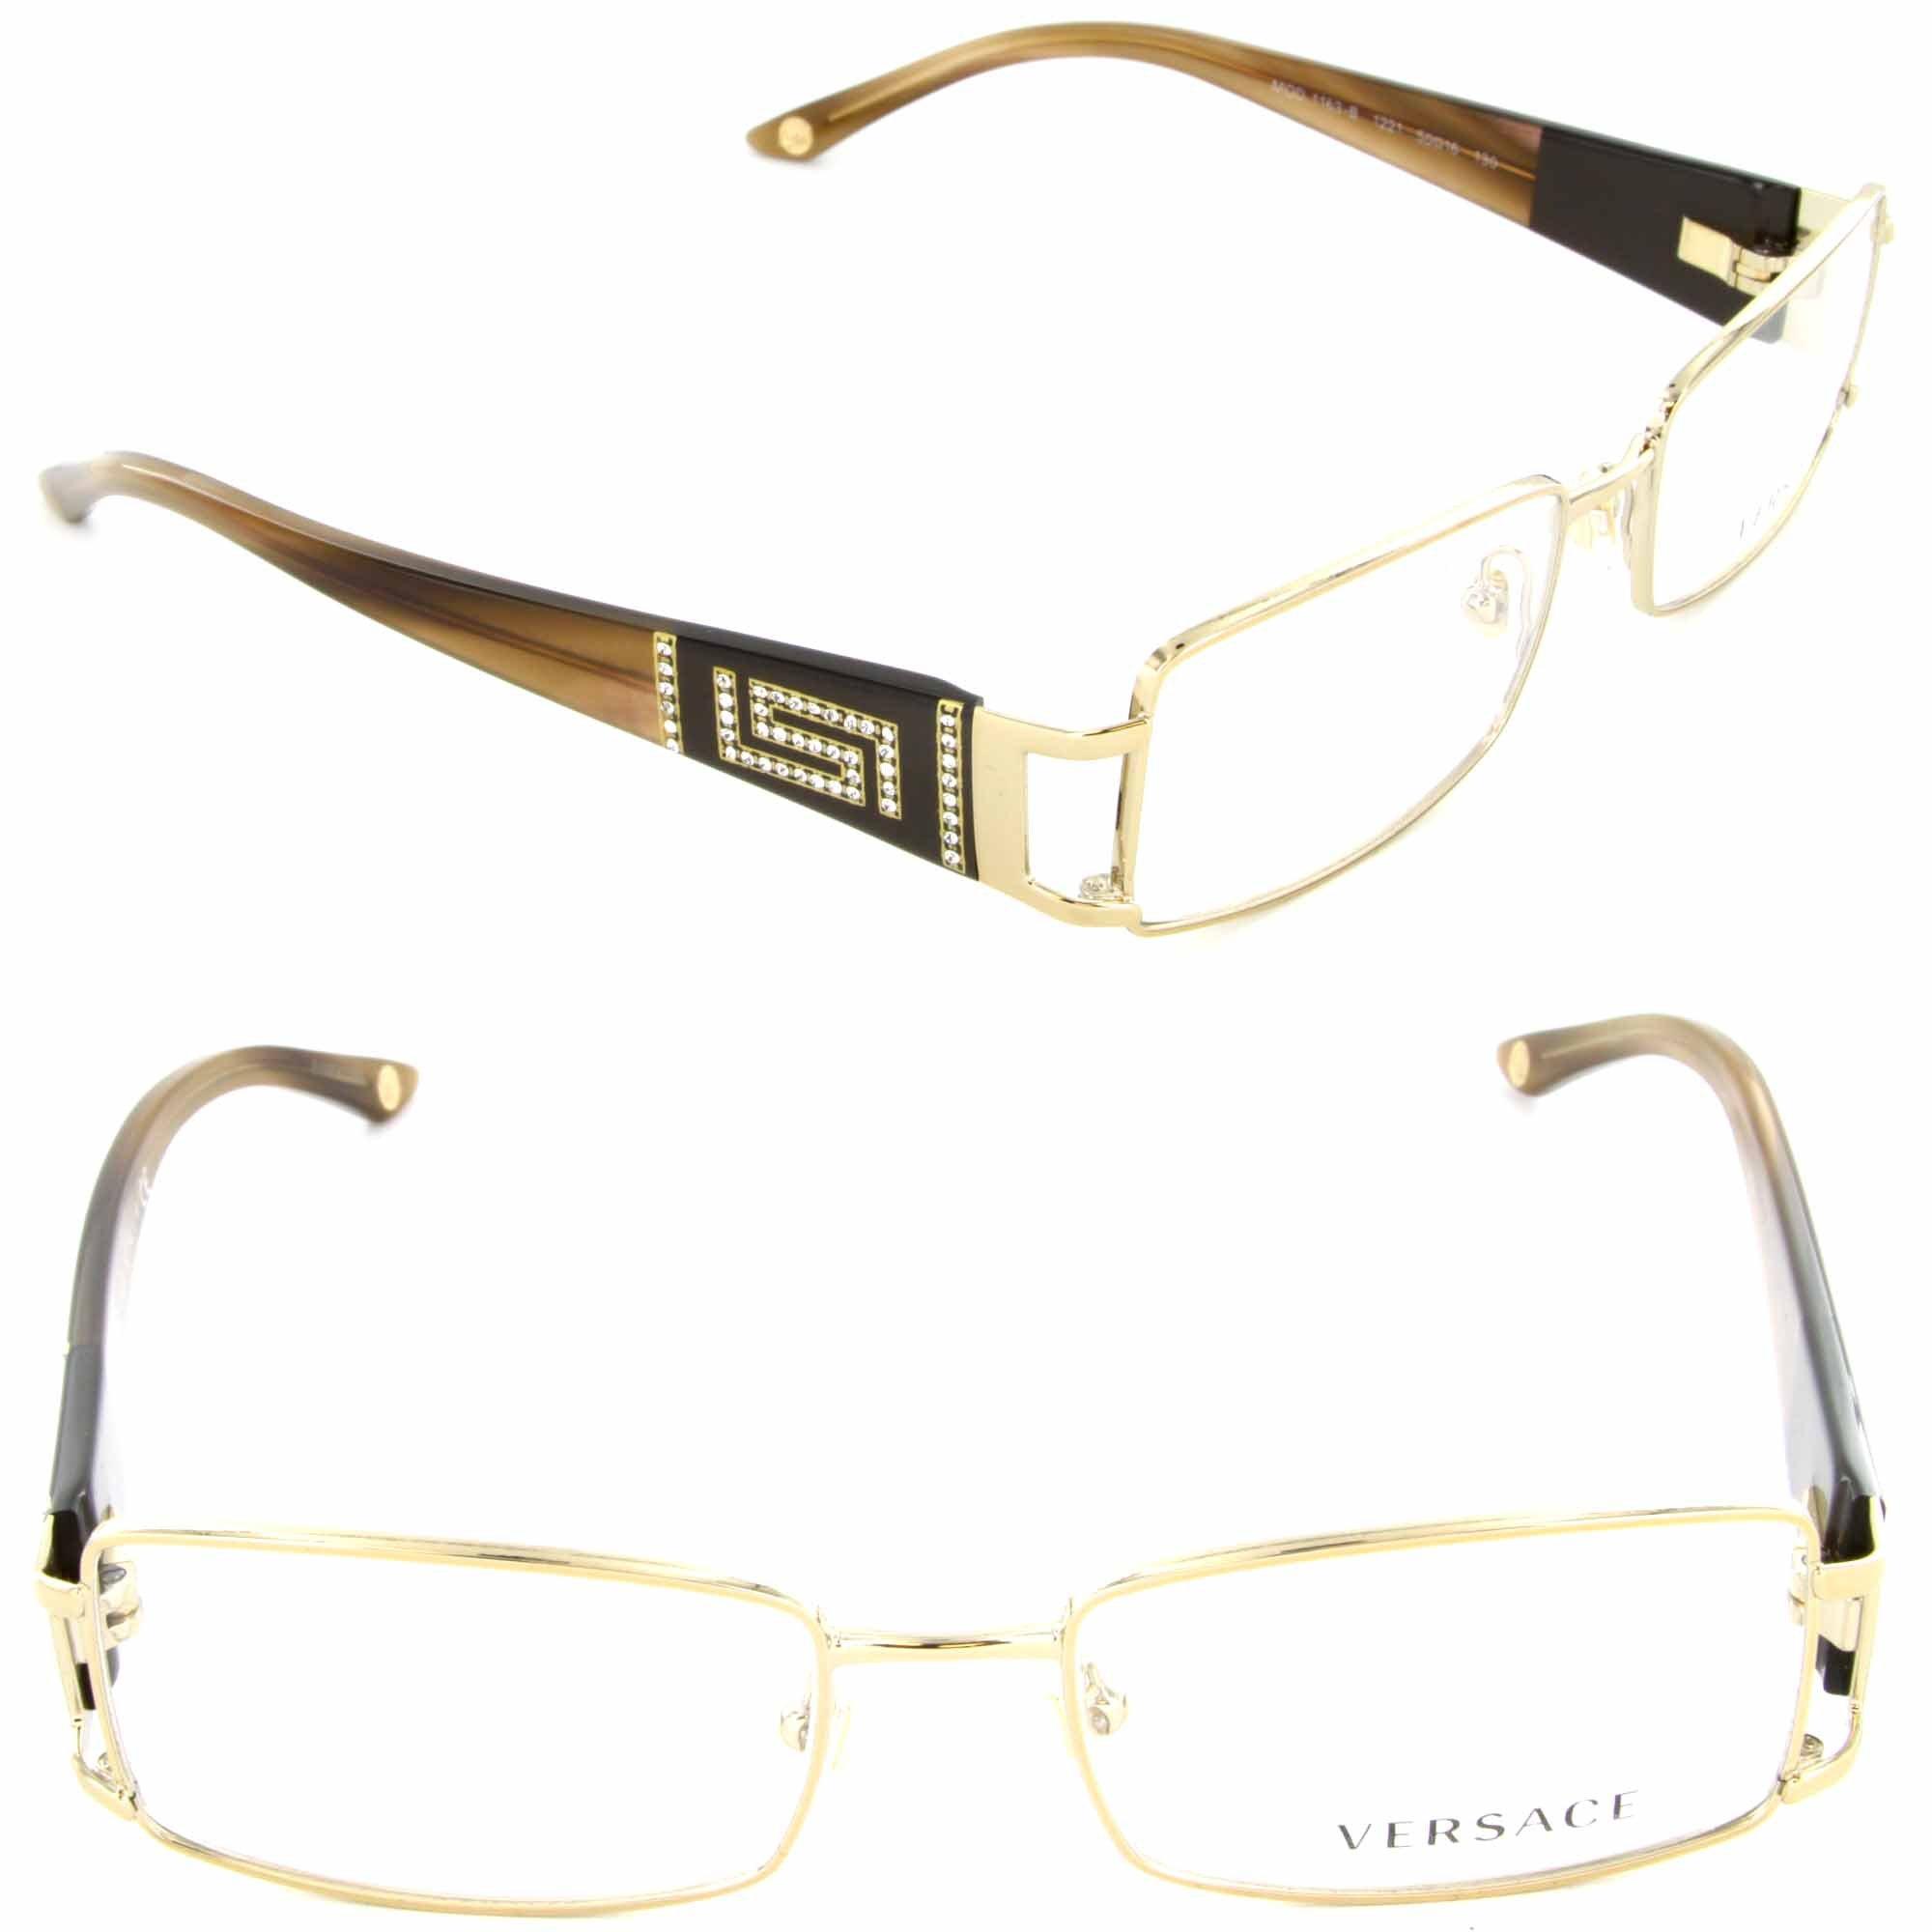 Versace Eyeglasses VE 1163B Eyeglasses 1221 Brown and Gold 52mm by Versace